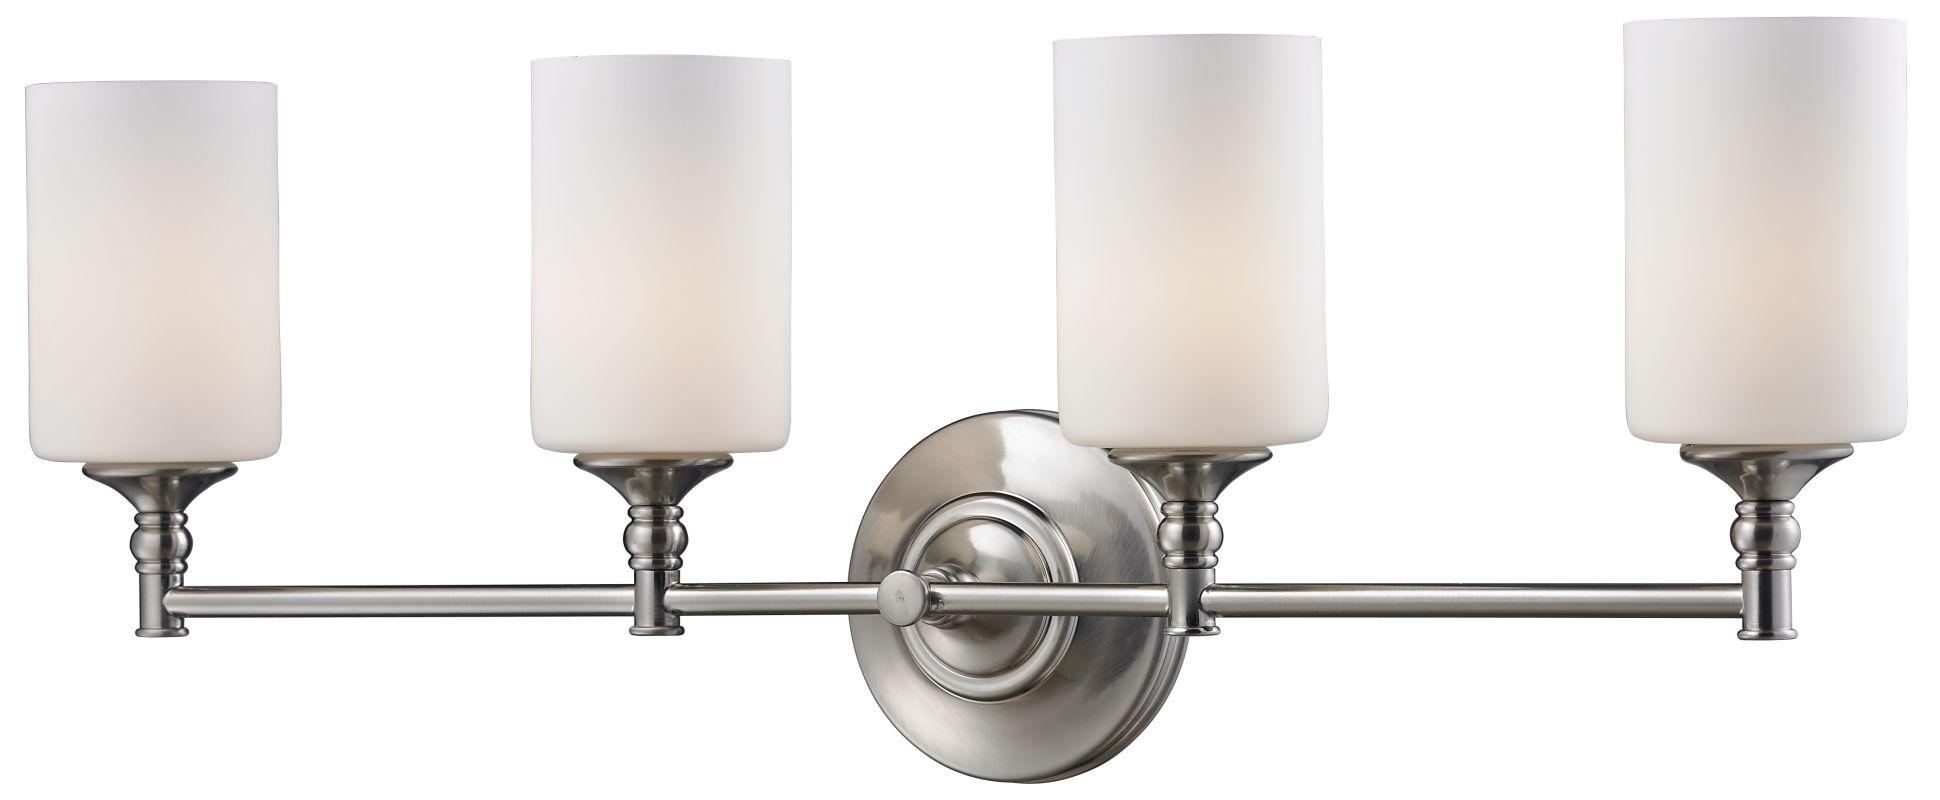 Z-Lite 2102-4V Cannondale 4 Light Bathroom Vanity Light with Matte